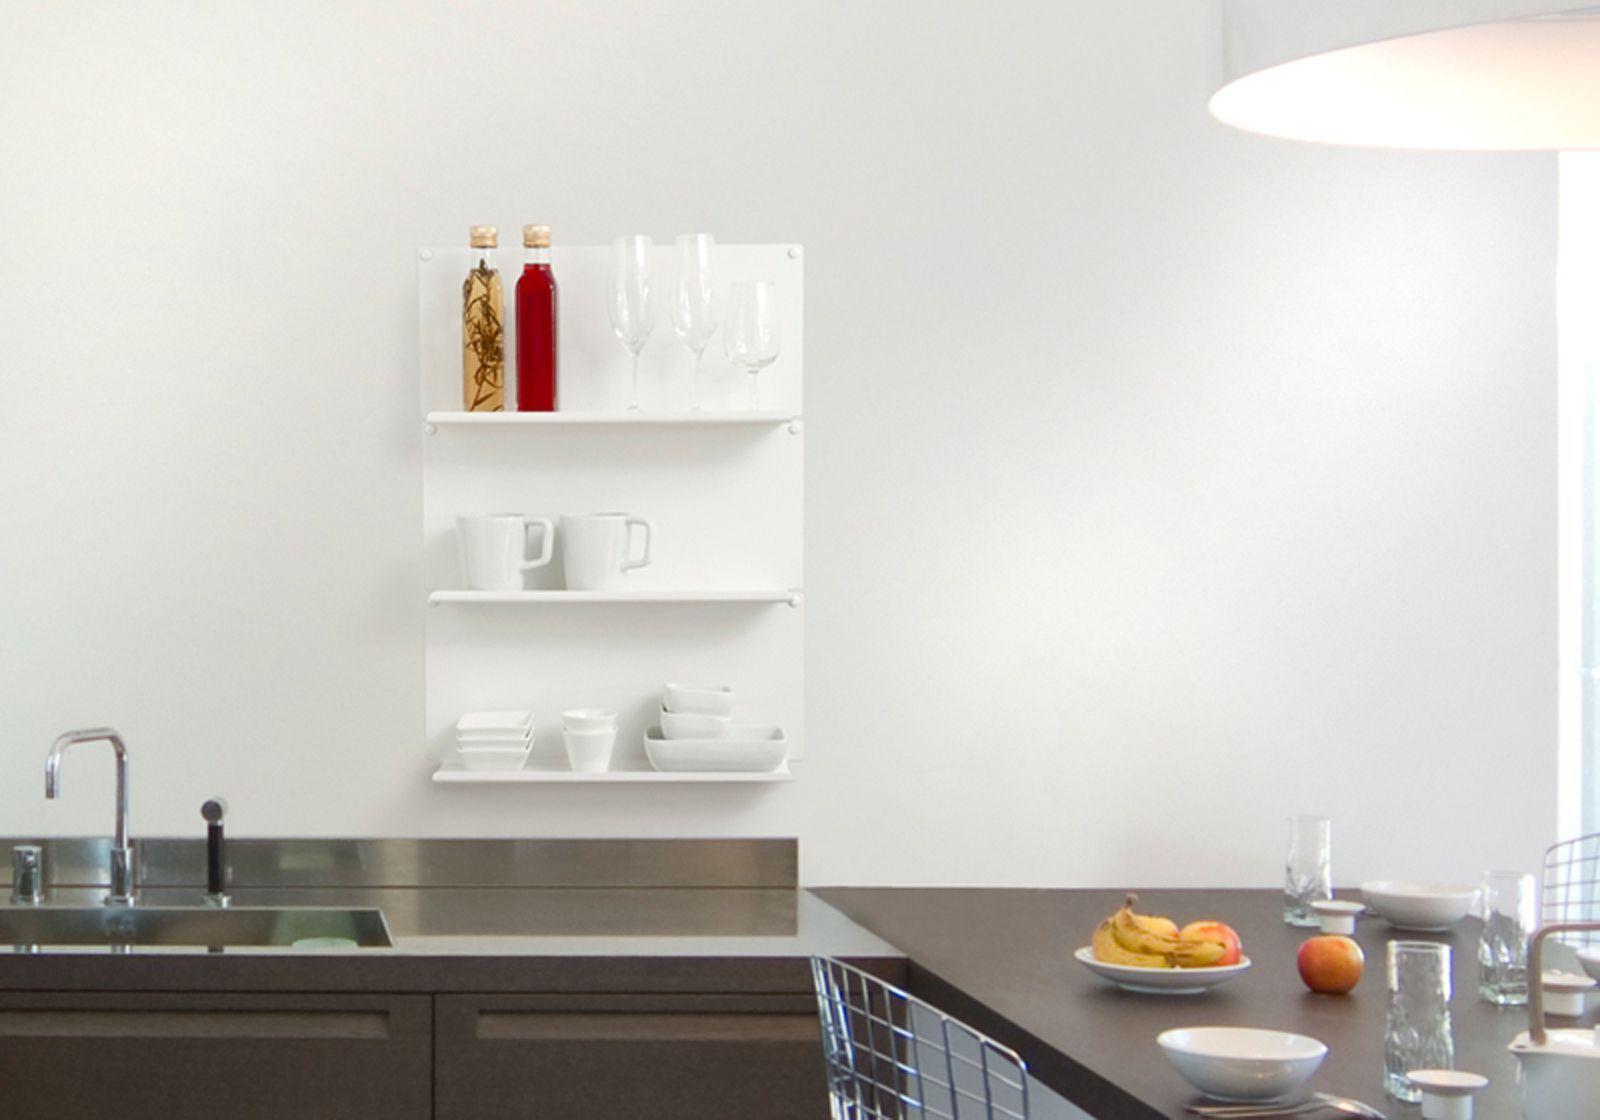 Tag re murale de cuisine le ot de 2 45x10 cm for Etagere murale profondeur 10 cm